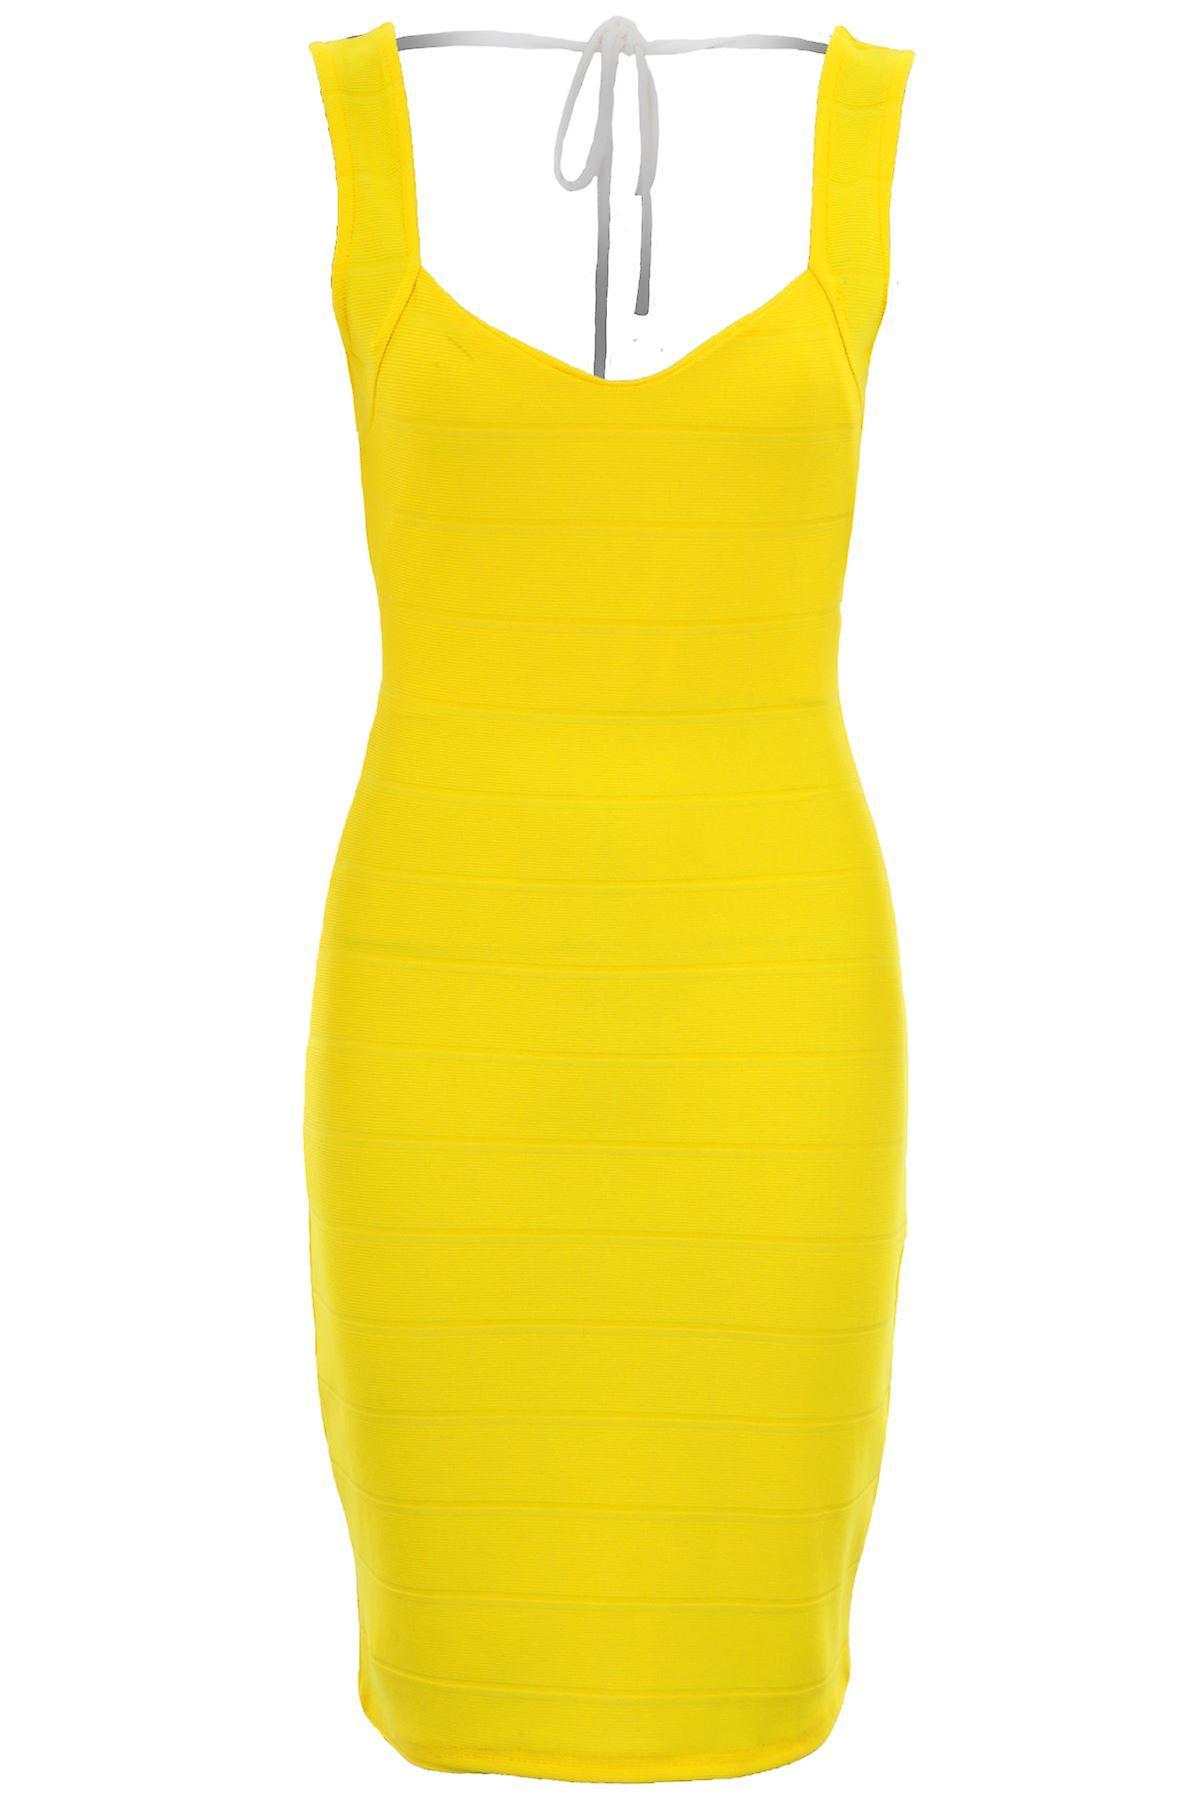 Hyvät Celeb Charlotte Side Ribbed Backless keltainen Bodycon seksikäs mekko